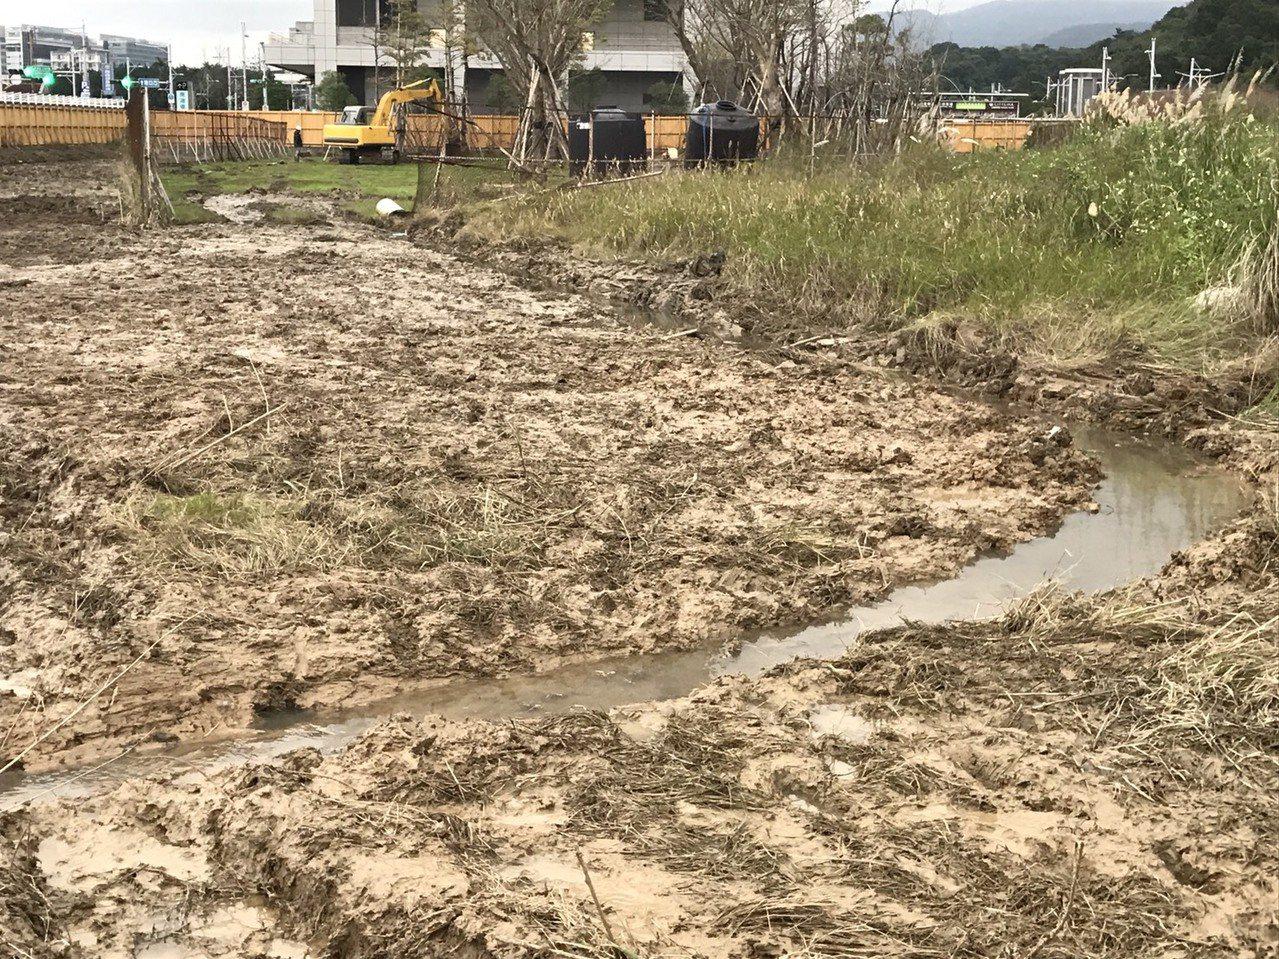 大巨蛋移樹工程一波三折,北部流行音樂中心南基地將作為33棵樹移植地點,竟傳出積淹...